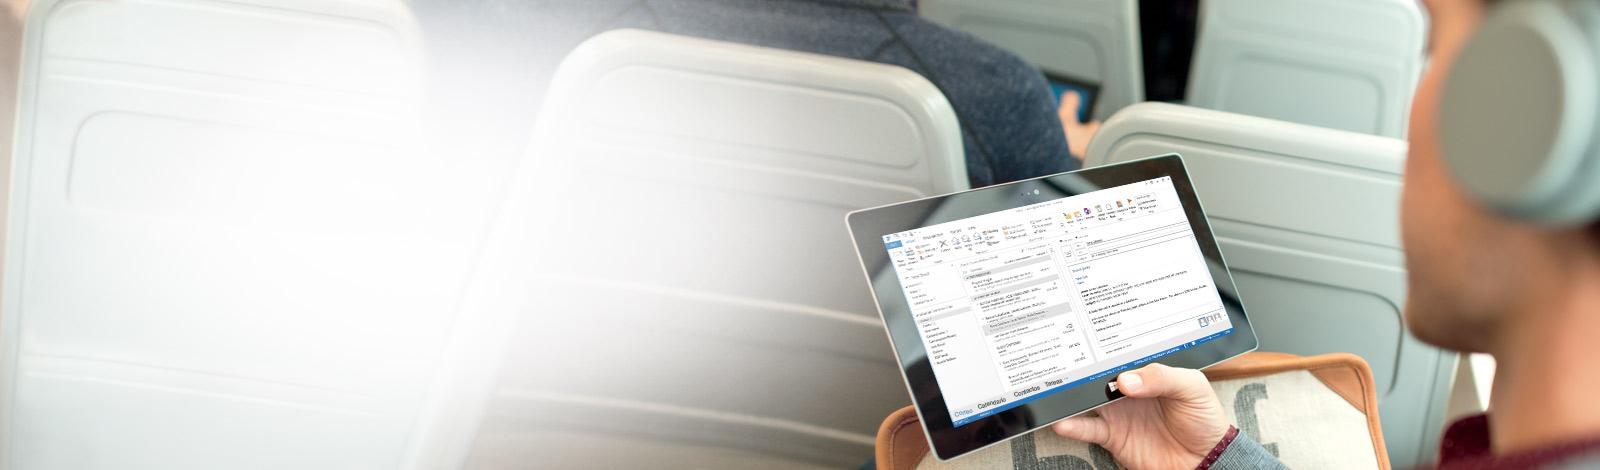 Un hombre con una tableta que muestra su bandeja de entrada. Acceda a su correo electrónico desde cualquier lugar con Office 365.